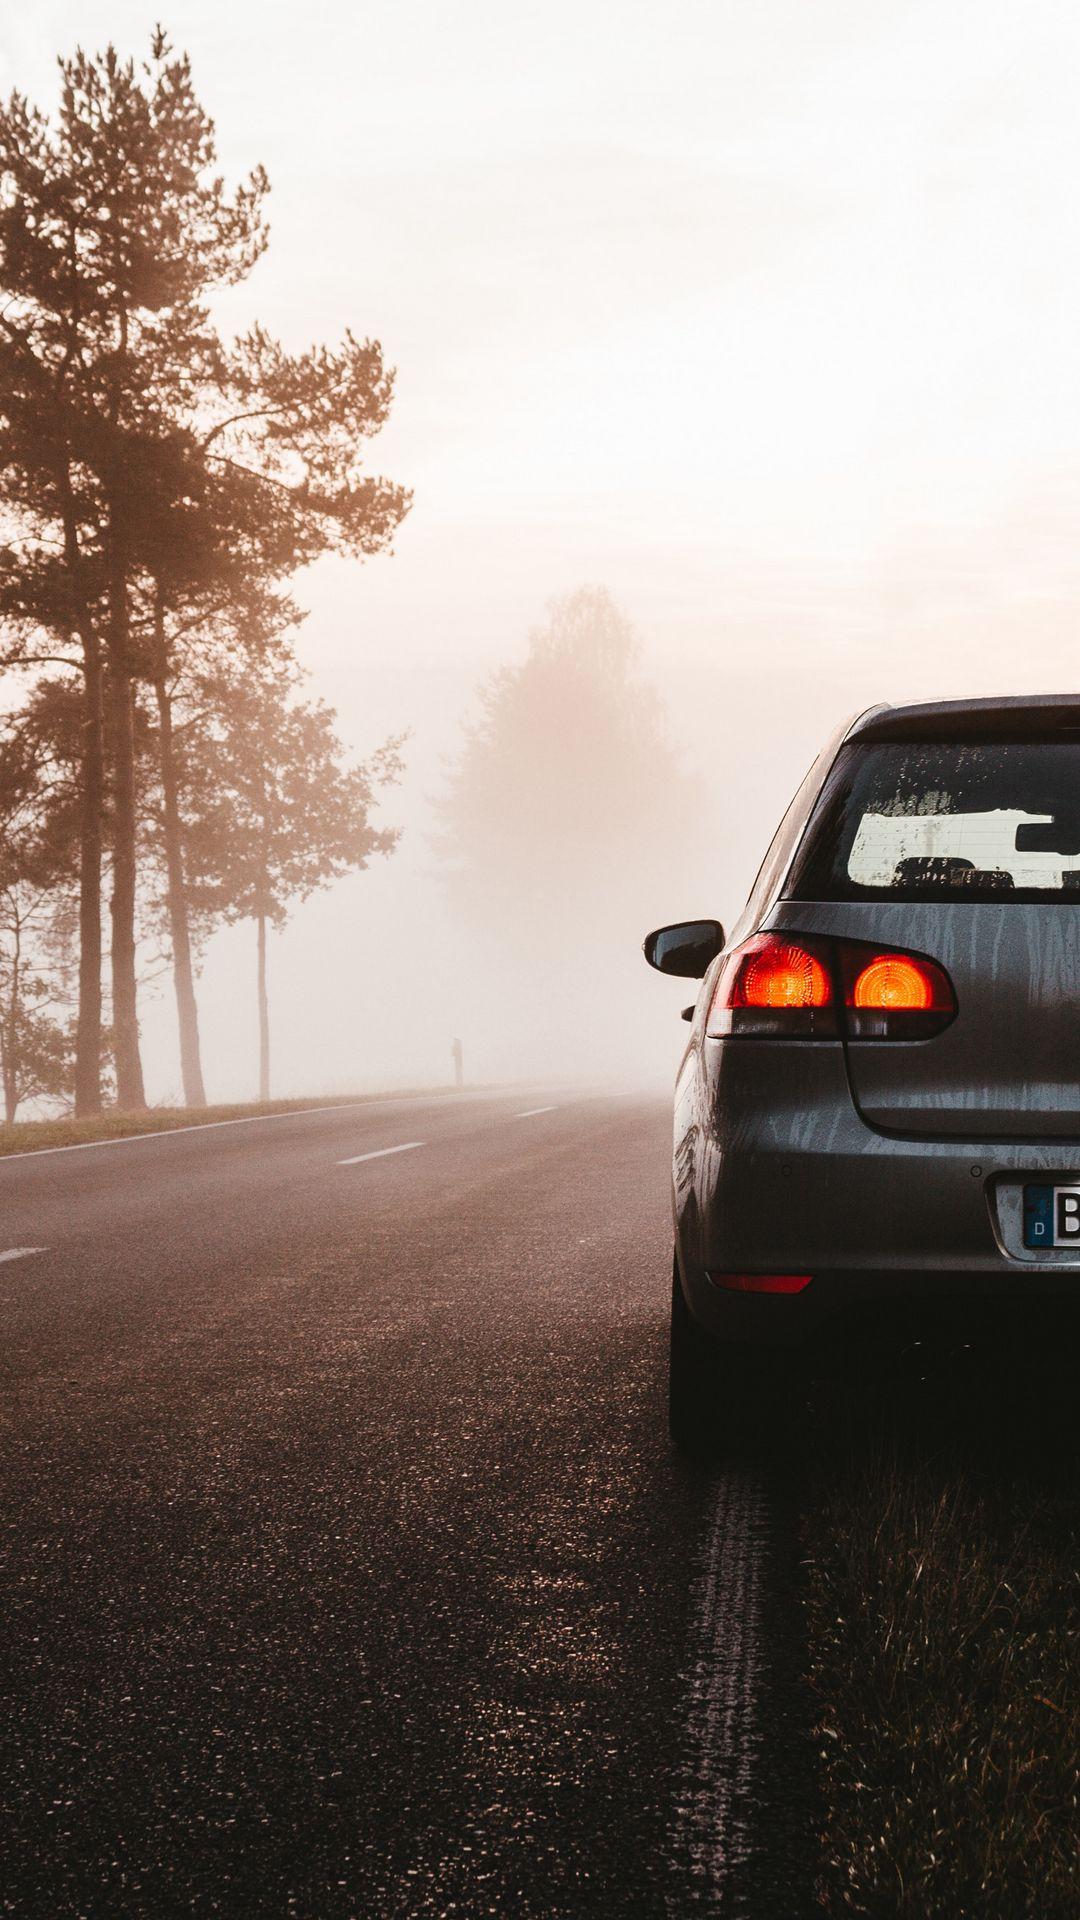 Volkswagen MK7 Wallpapers Download